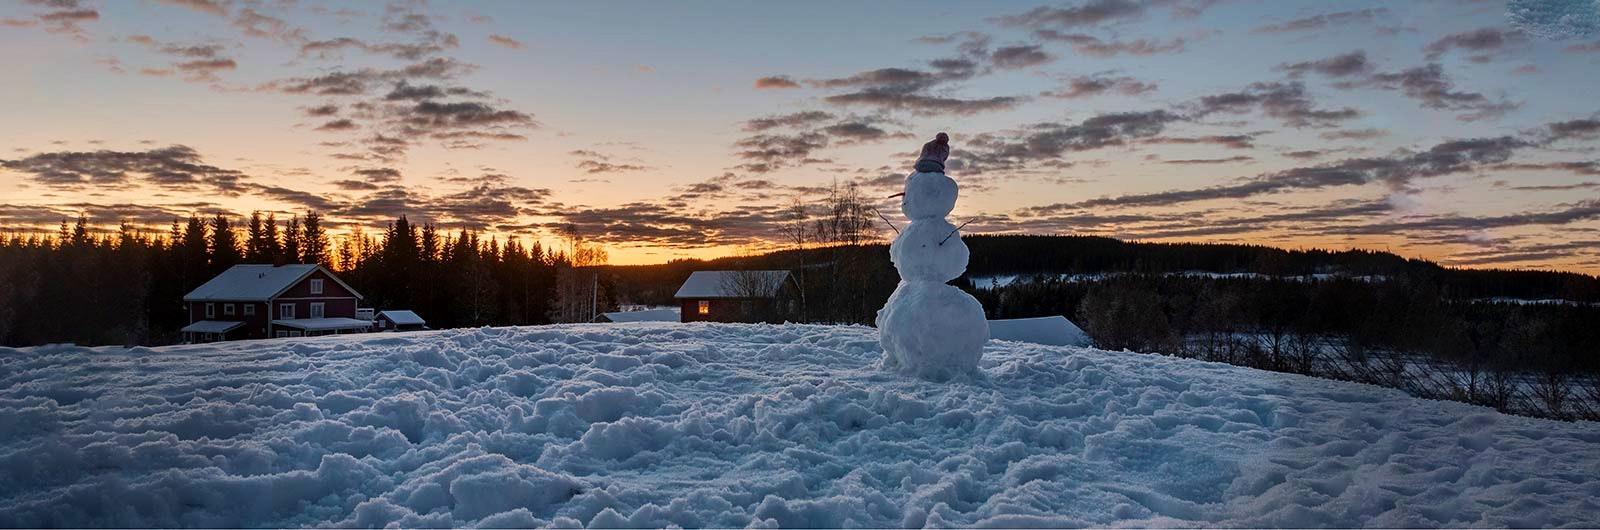 solnedgång på vintern vid stuga